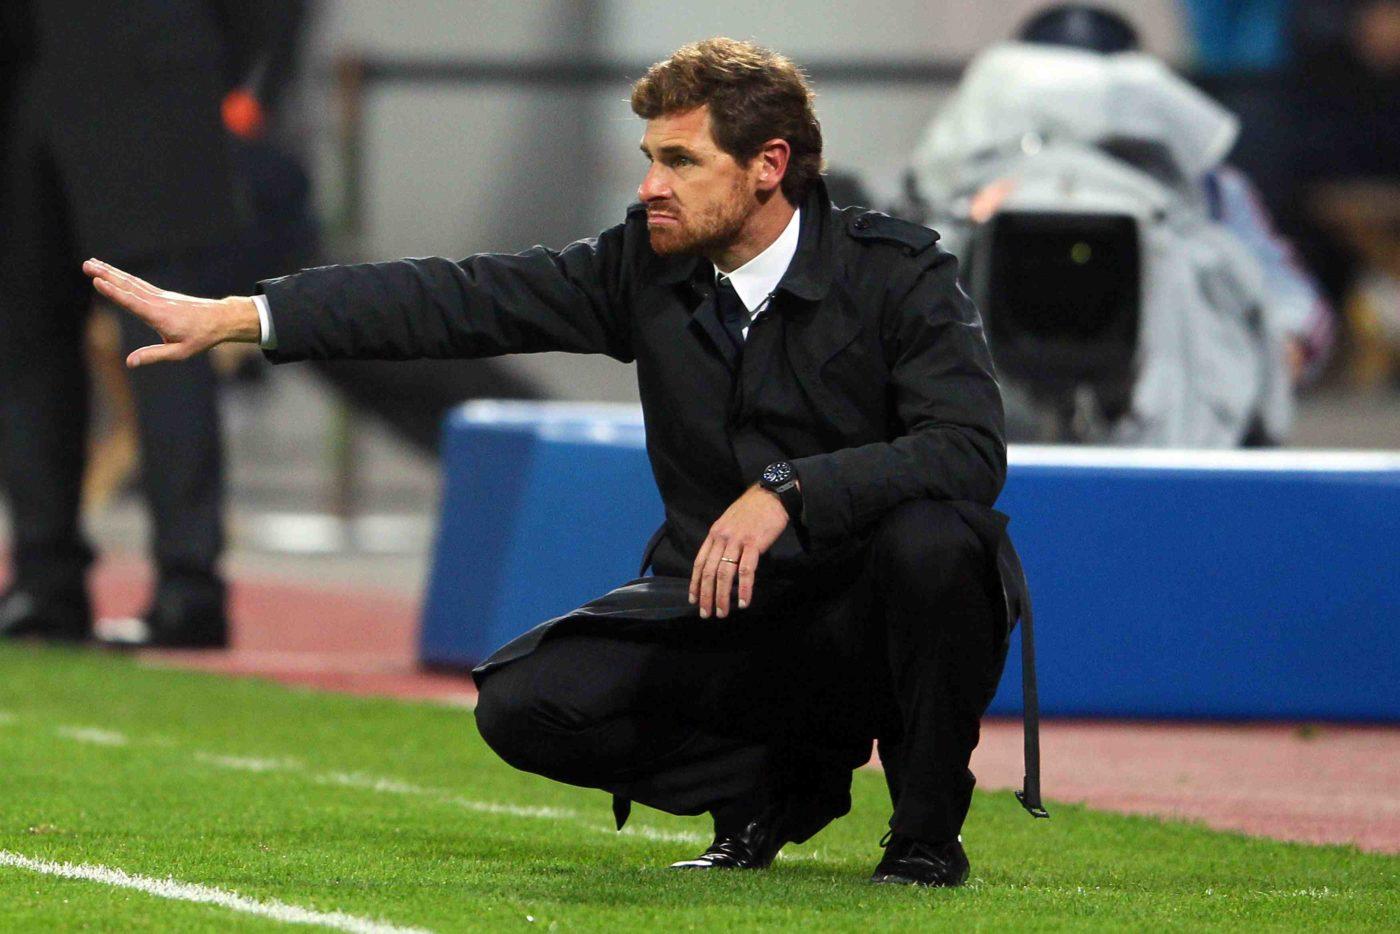 Zamieszania ciąg dalszy. Andre Villas-Boas rezygnuje ze stanowiska trenera Marsylii